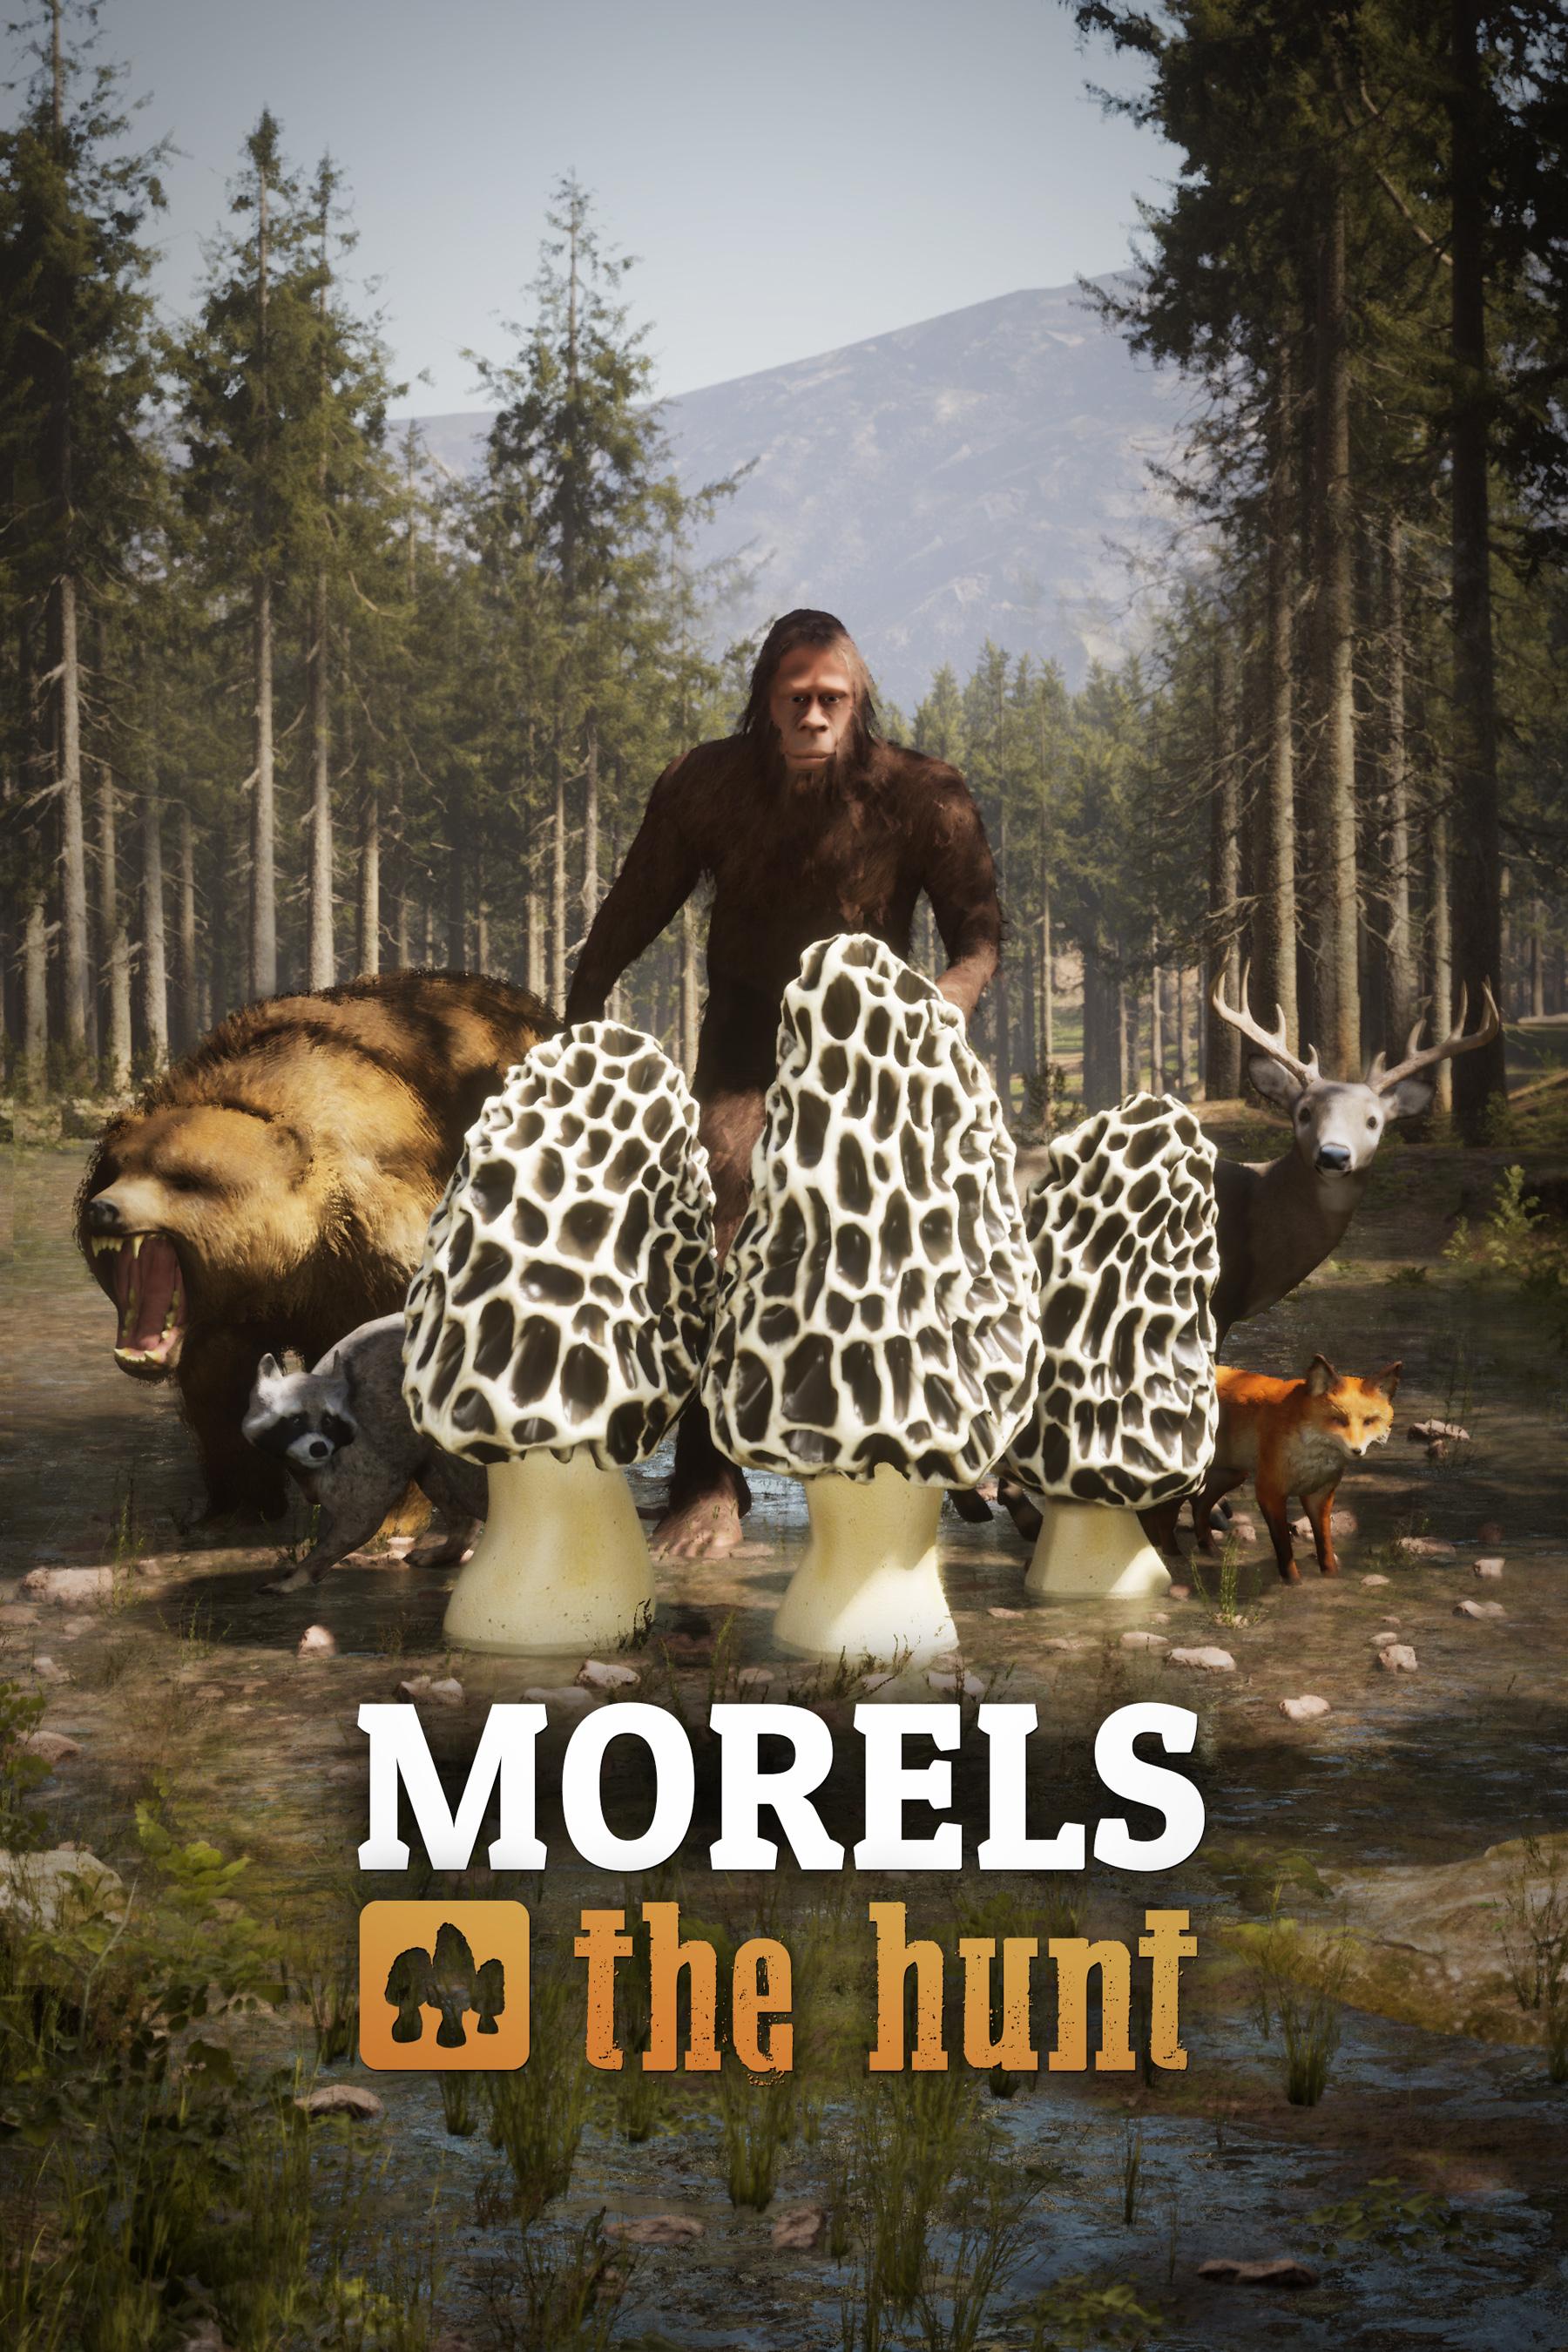 Morels Box Art